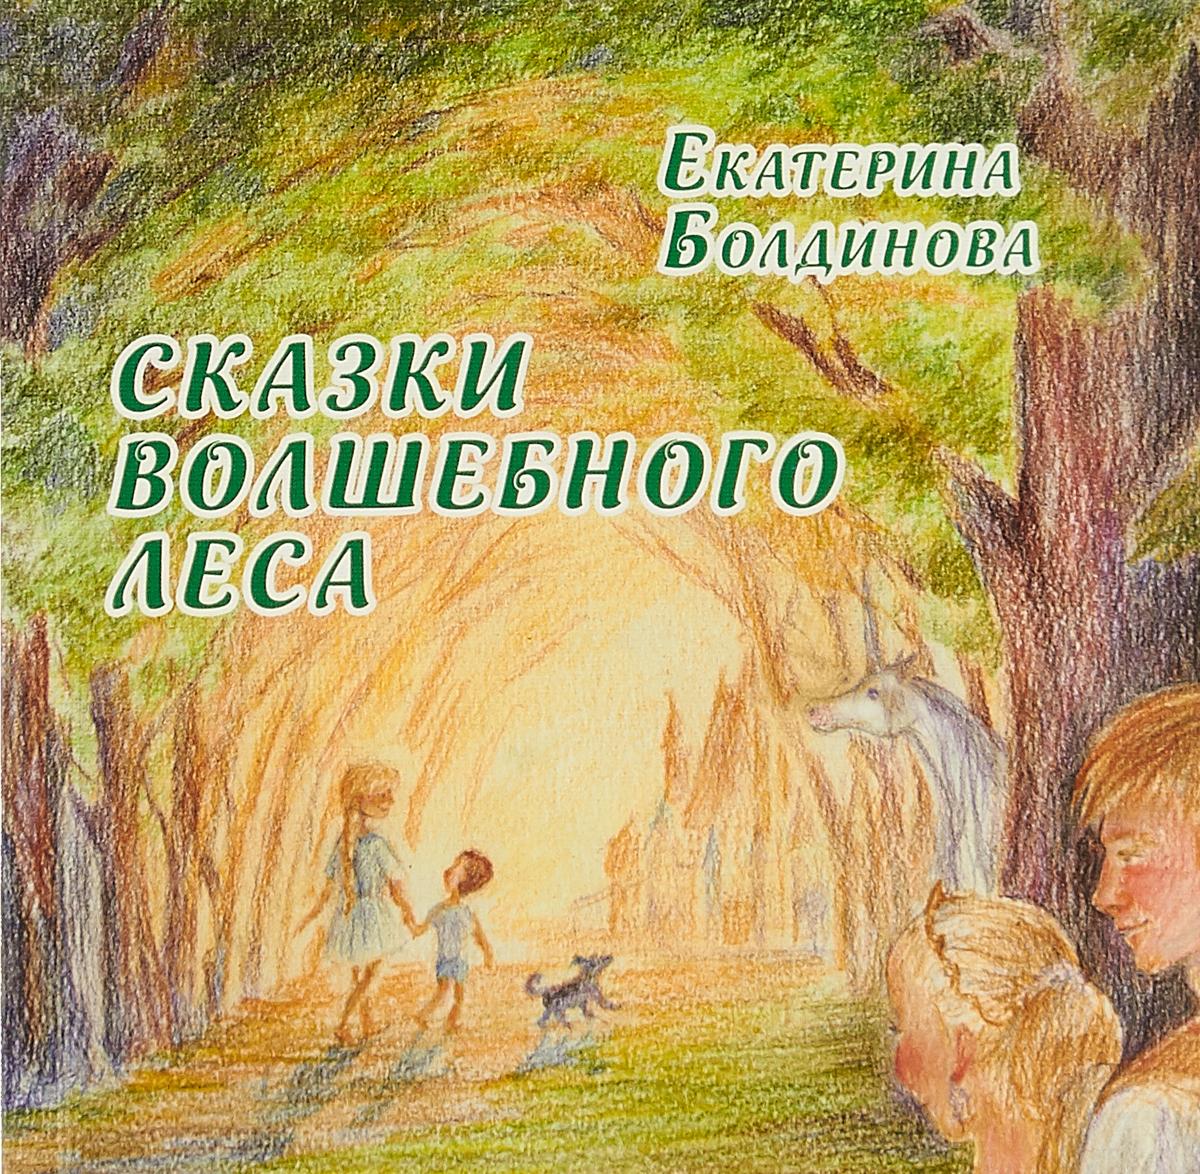 Е.С.Болдинова Сказки волшебного леса: сказки о любви